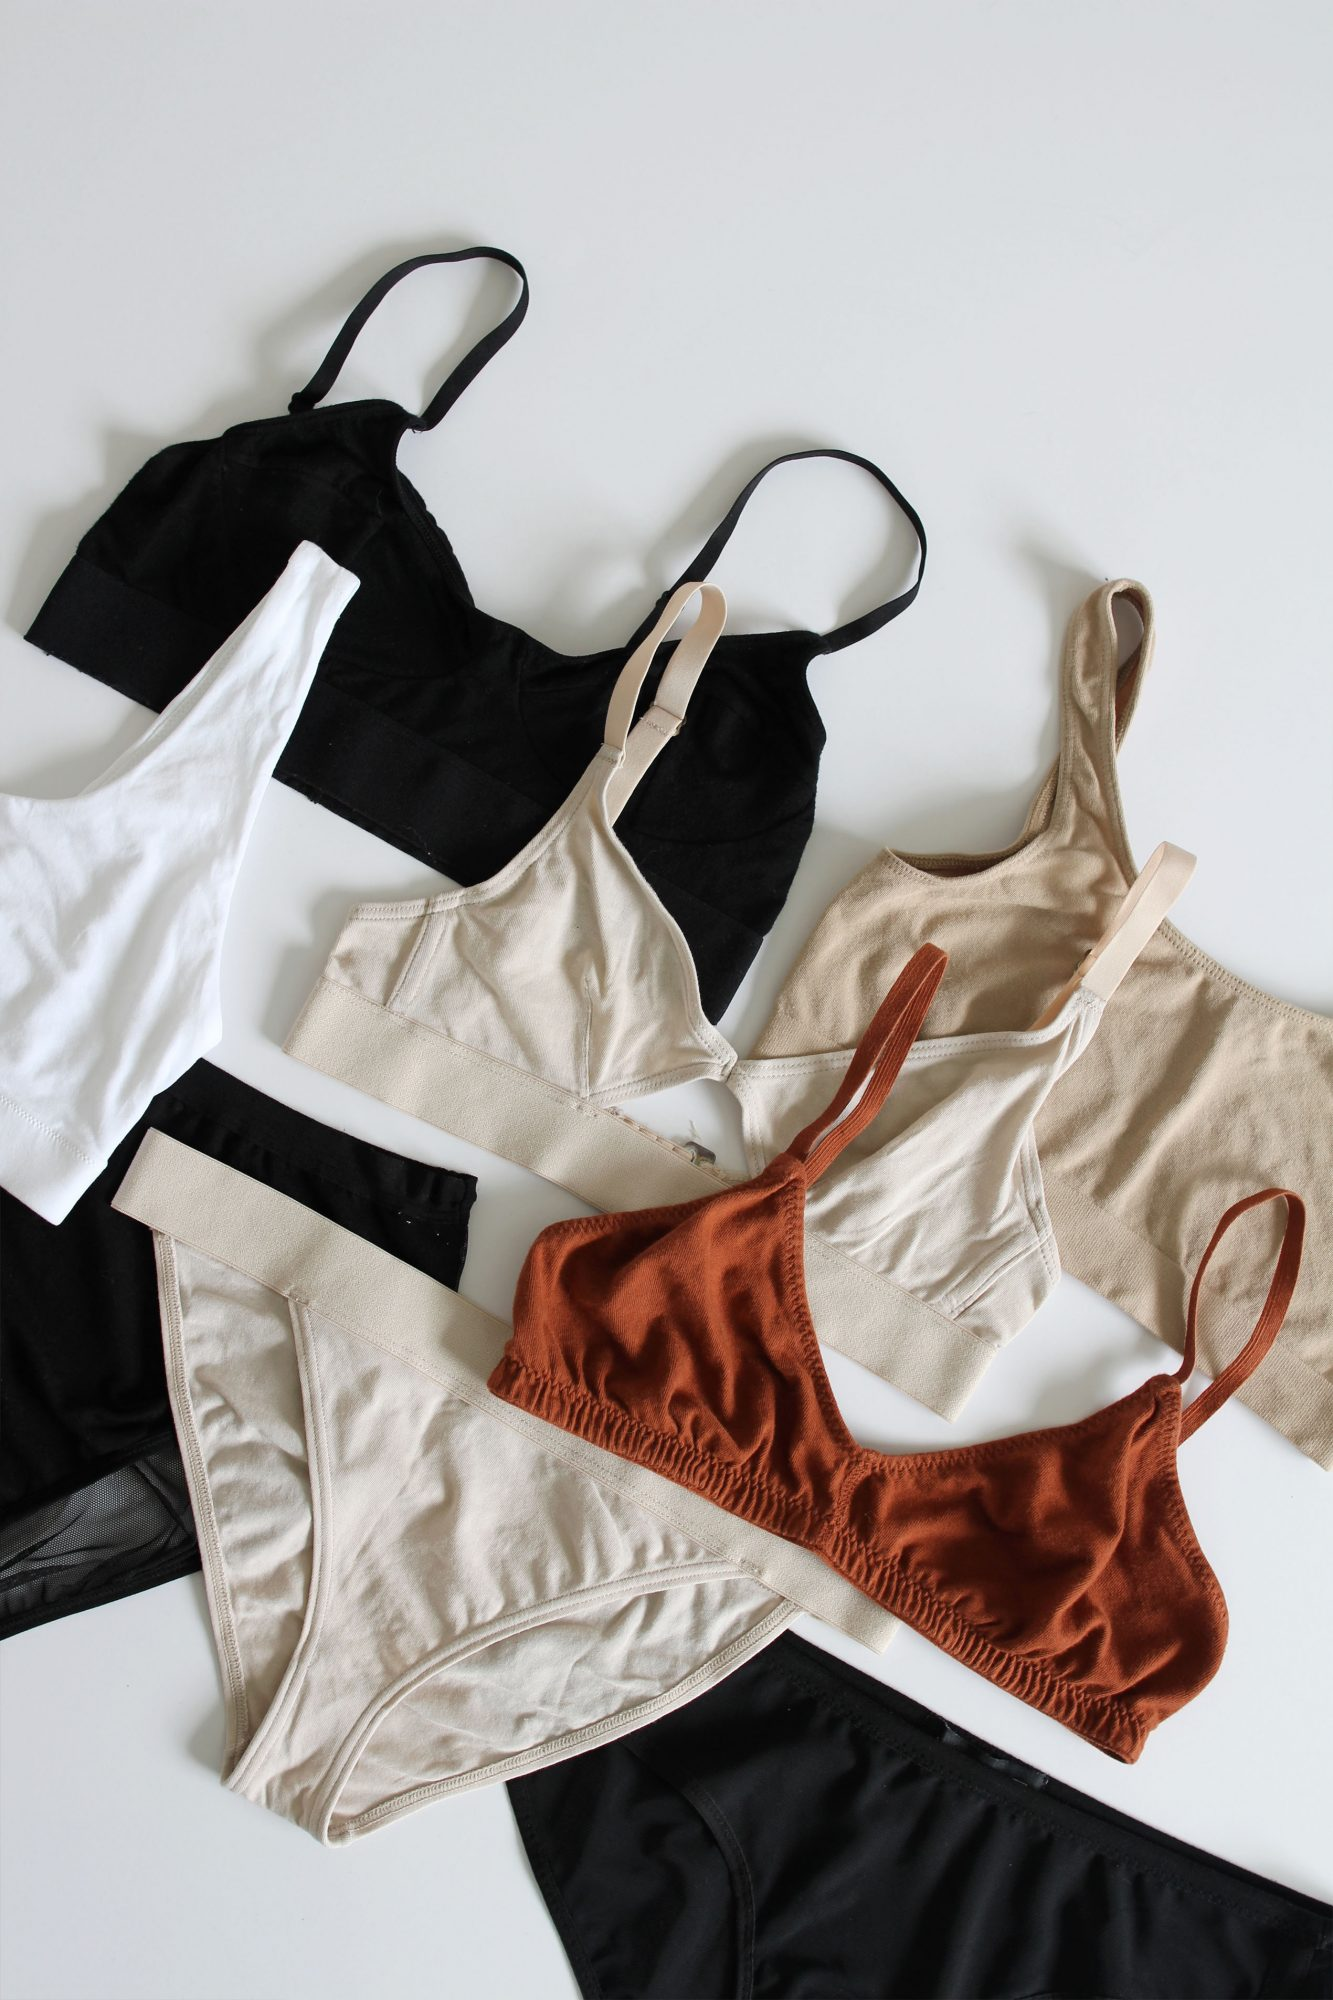 c9baaaa11c340 Style Bee - Responsibly Made Underwear